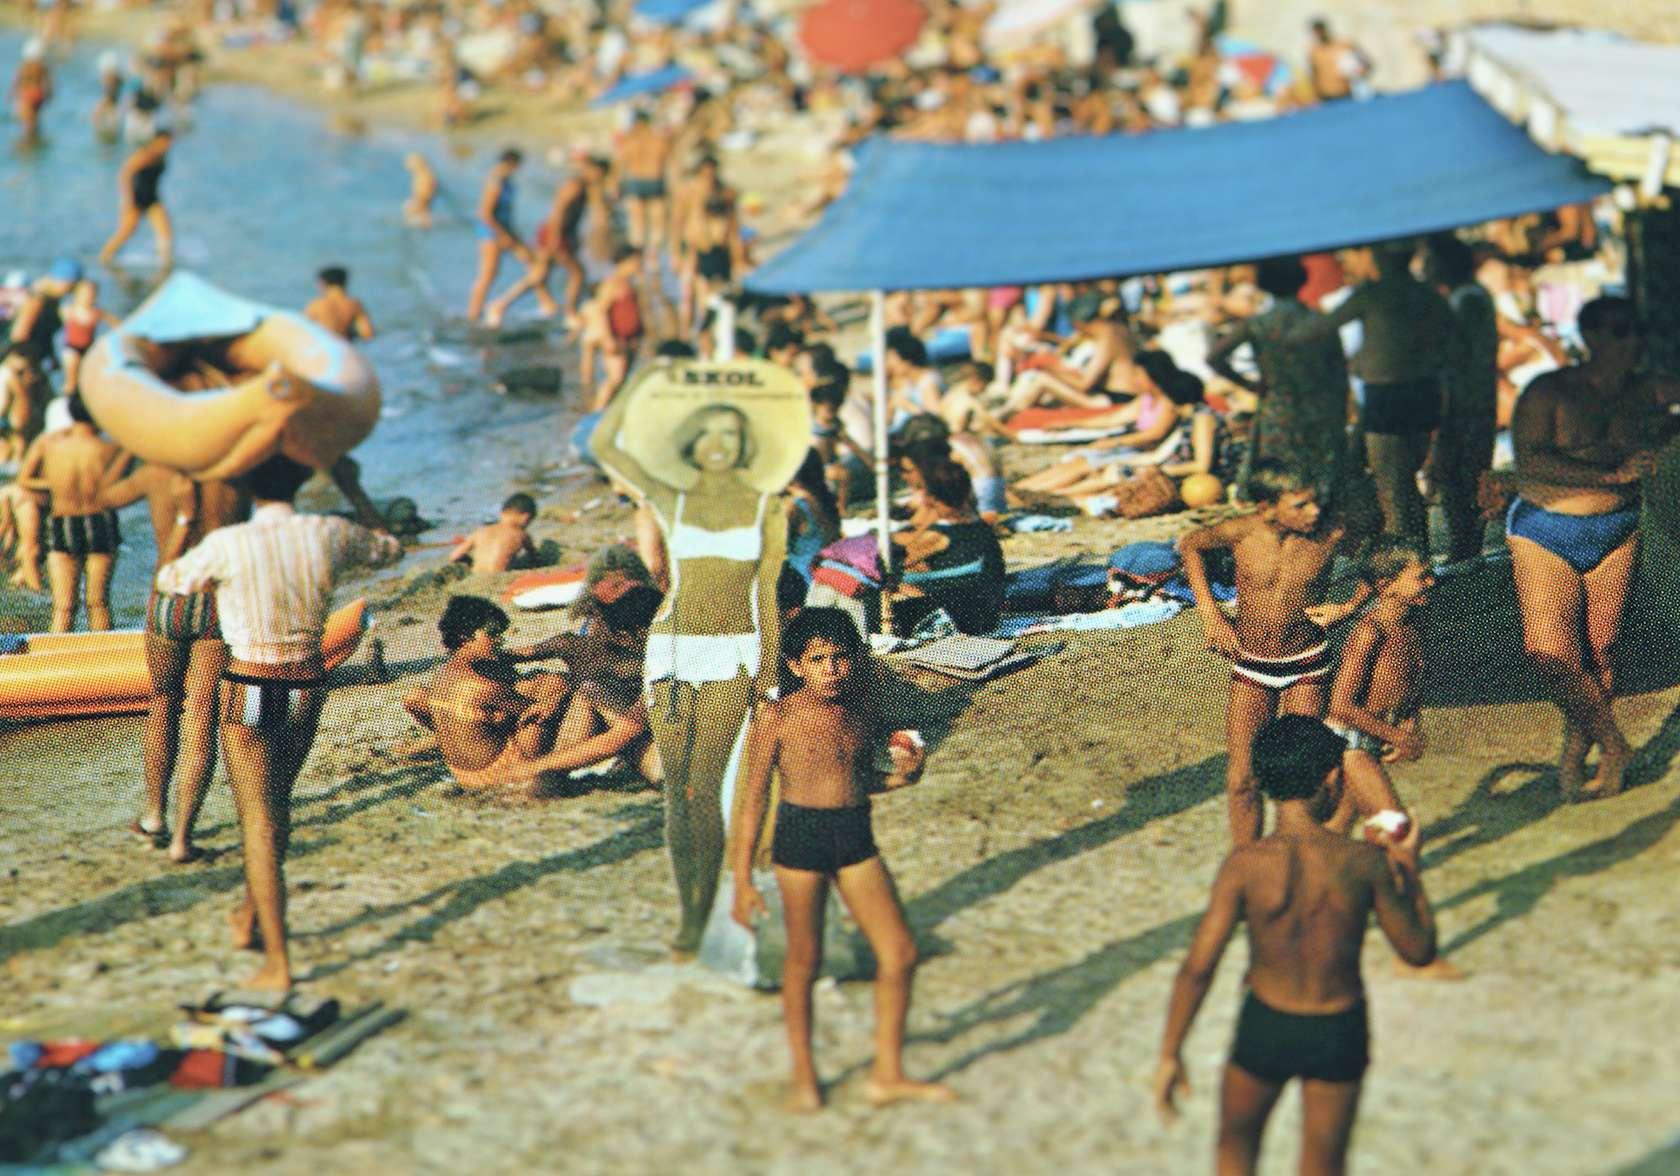 documentation céline duval, Vu! Six-Fours la plage., 2015 Tirage pigmentaire sur papier Fine Art Barita contrecollé sur dibond53 × 80 cm / 20 7/8 × 31 1/2 in.